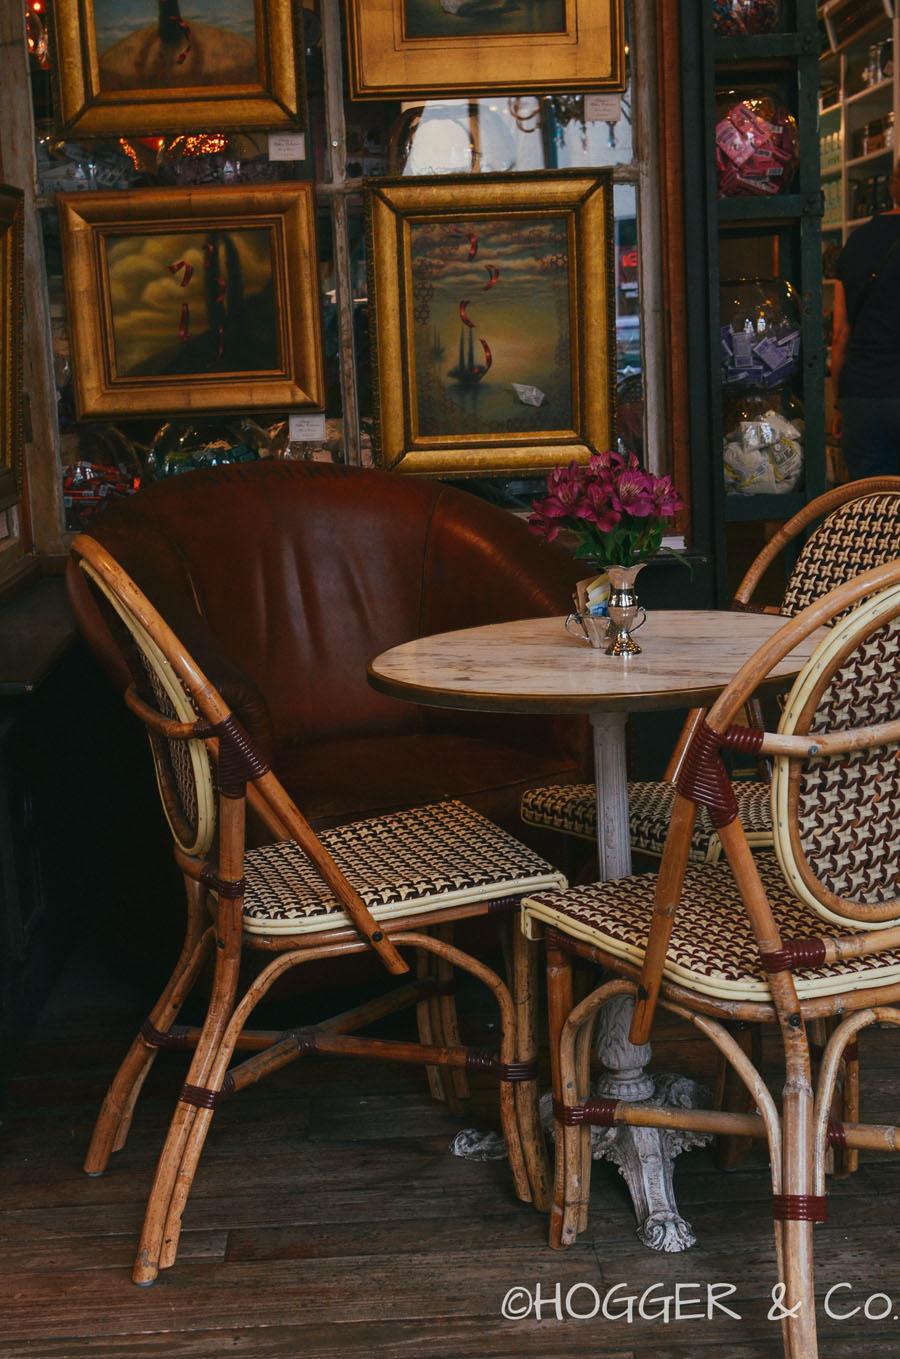 ParisMarket_Title_©HOGGER&Co._001.jpg